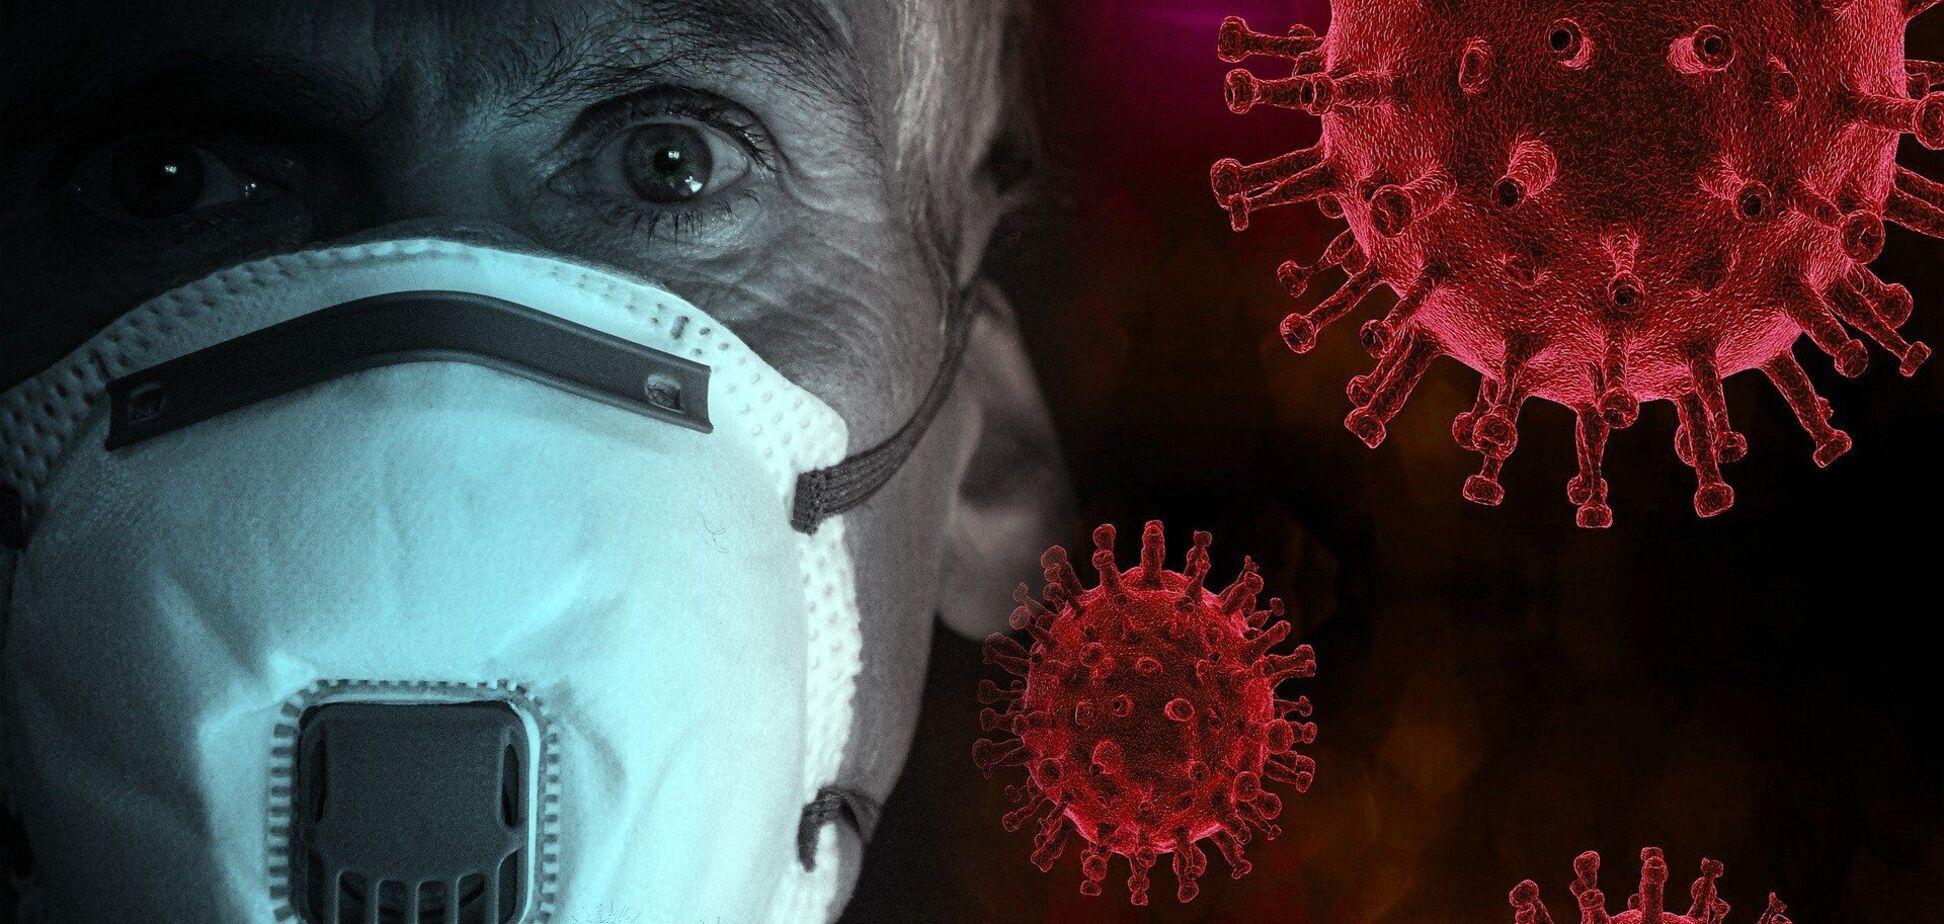 Волонтер рассказала о тяжелой ситуации в больницах Одессы из-за коронавируса